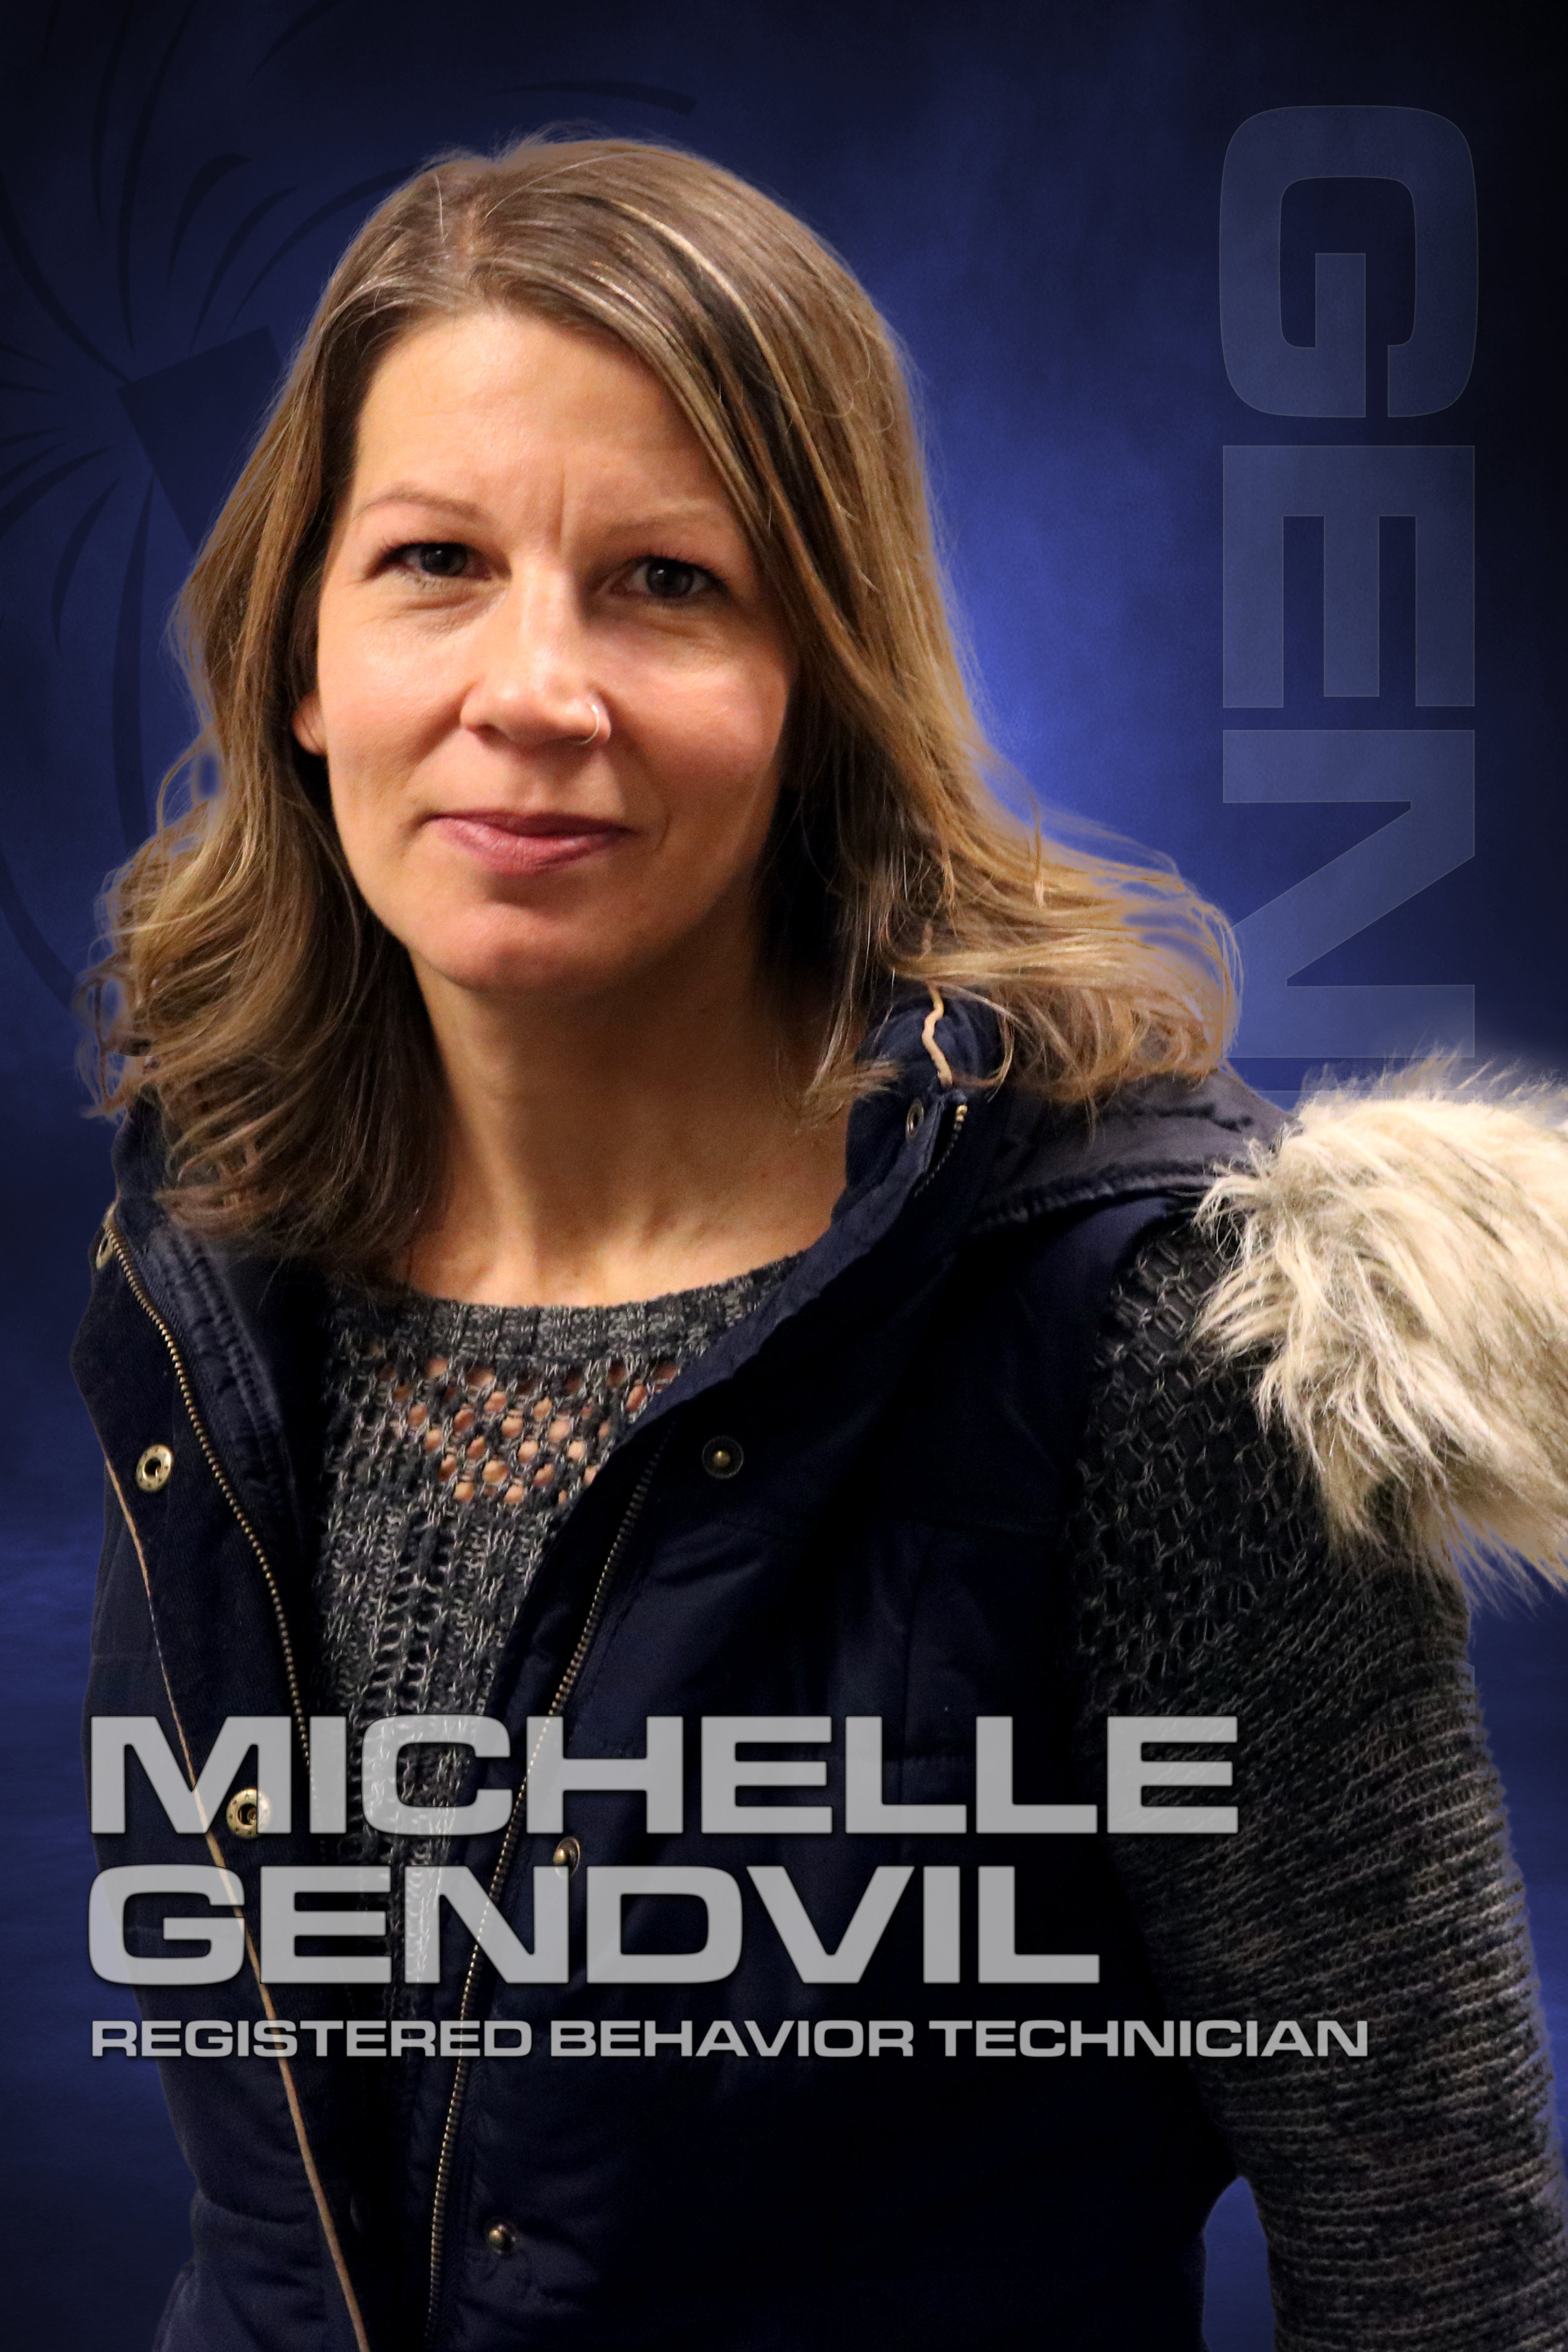 Michelle_poster_12x18.jpg